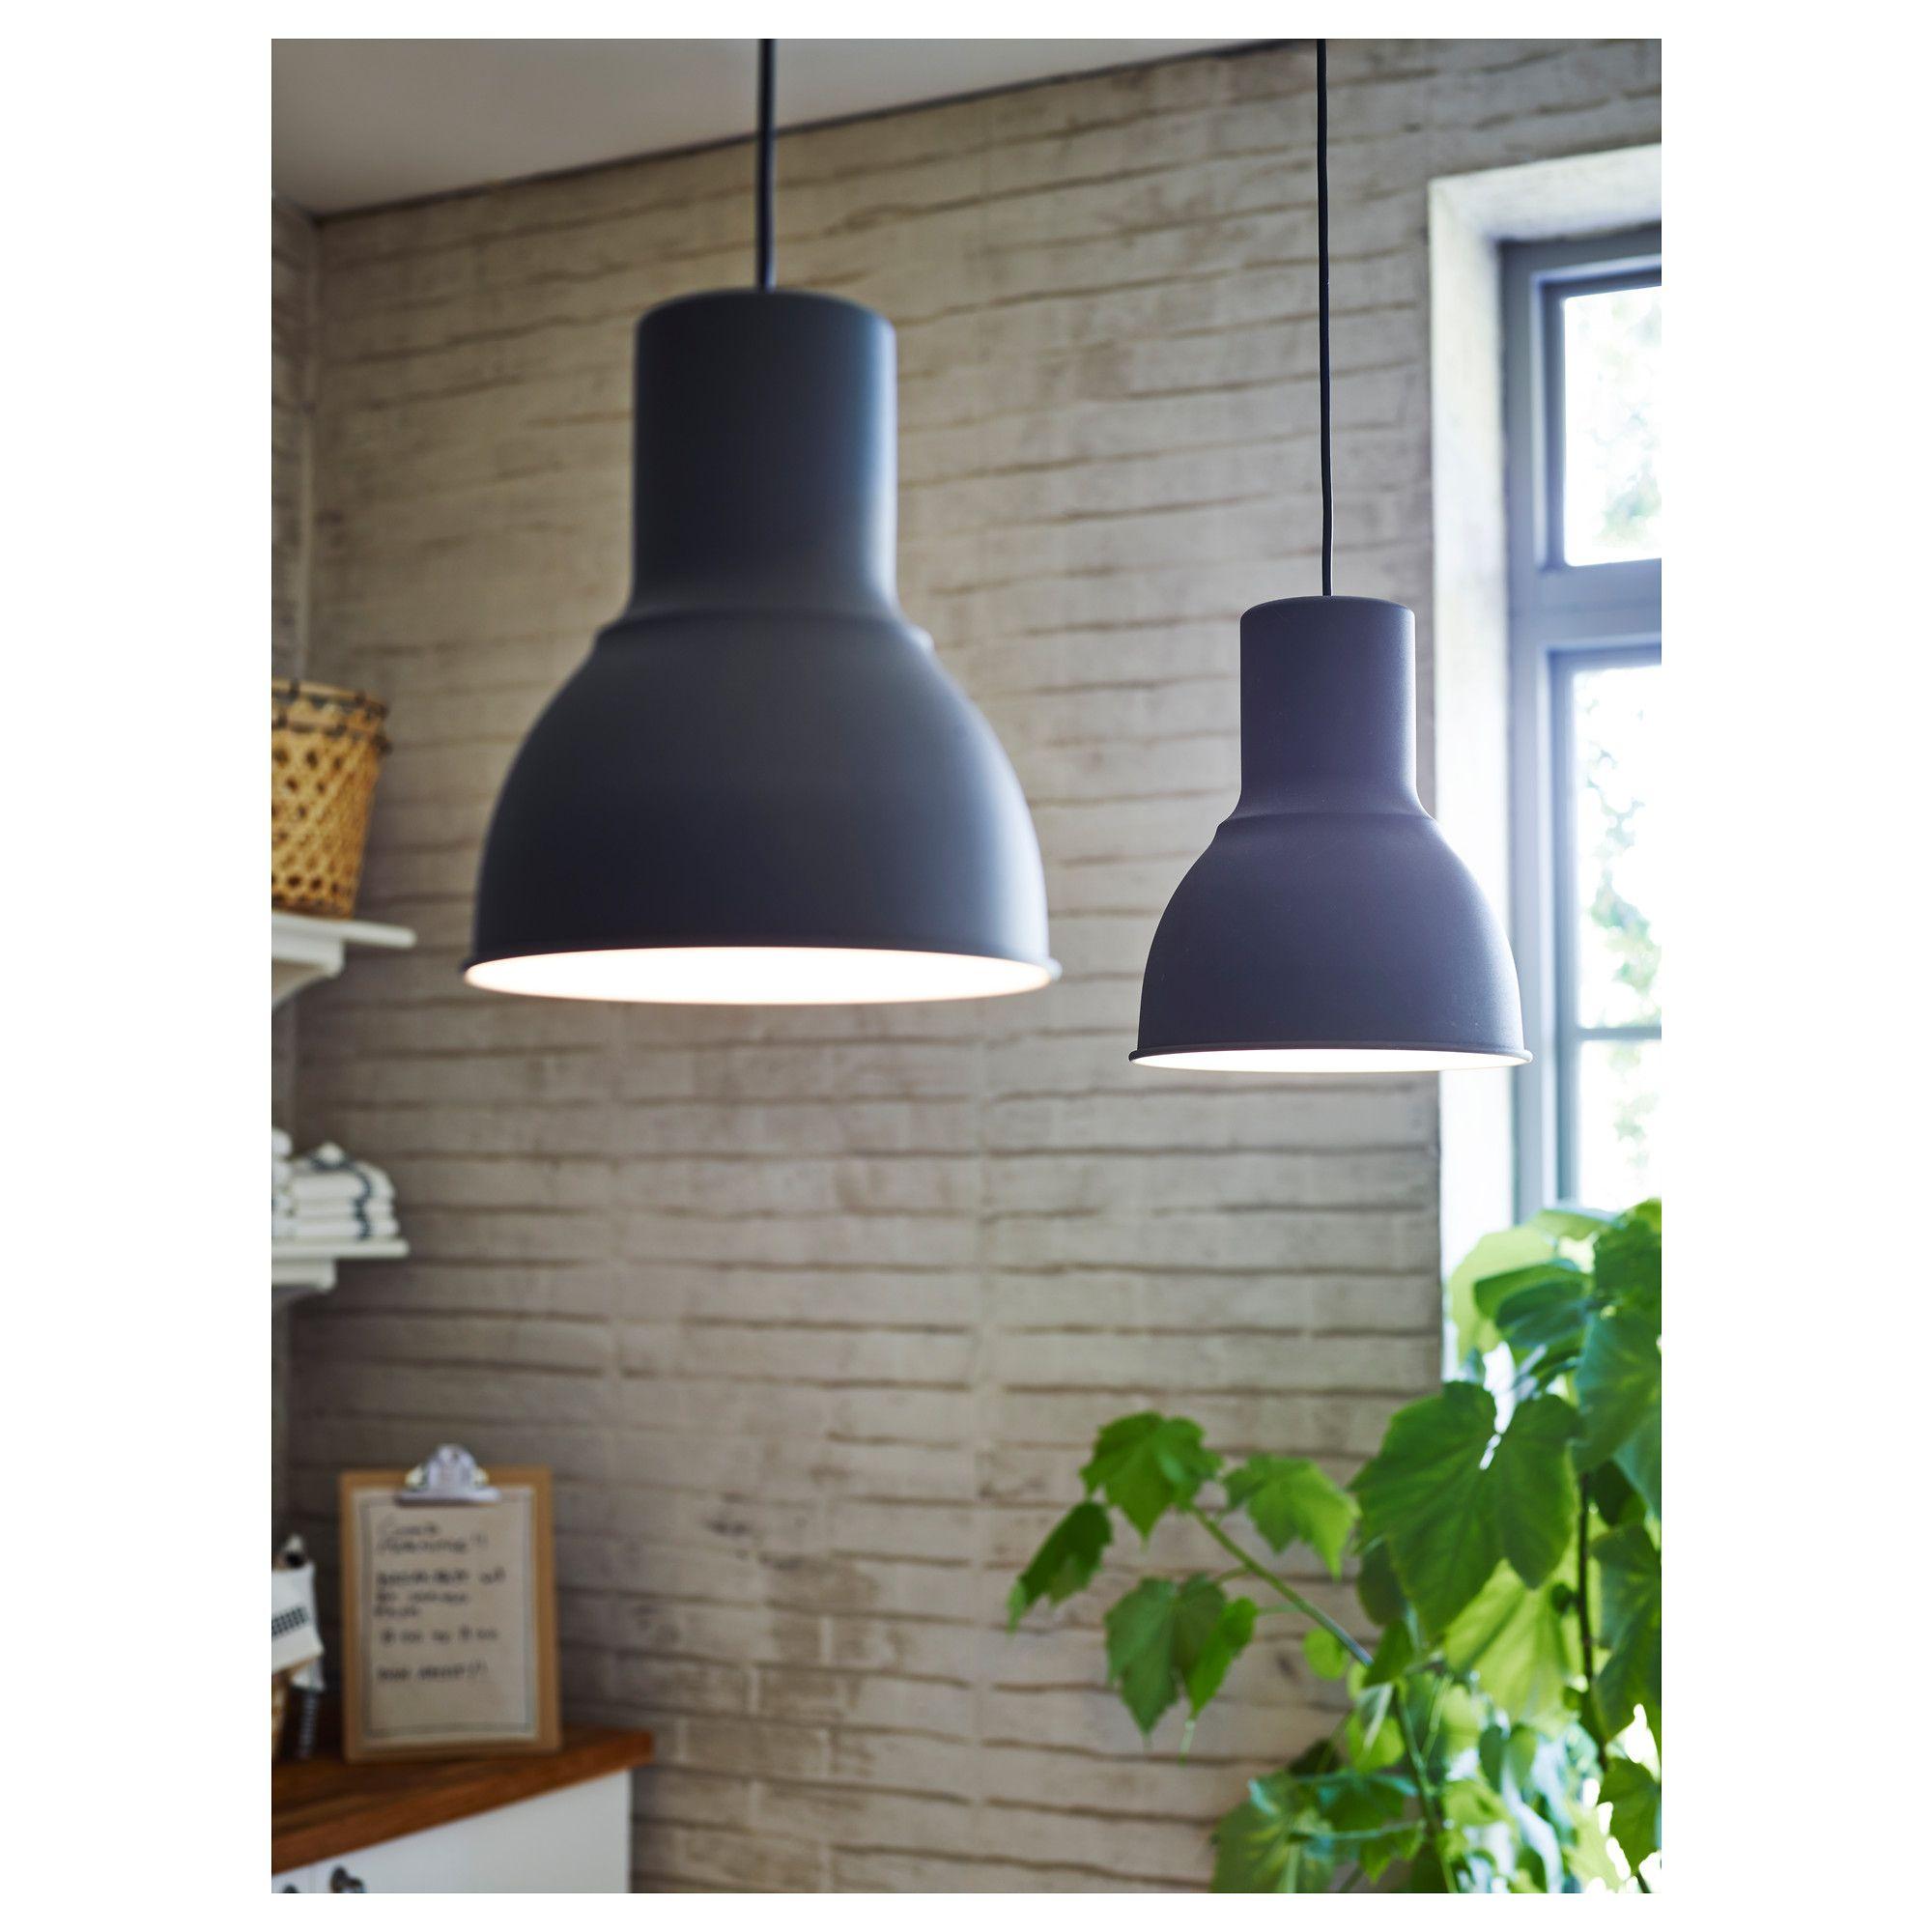 Ikea Hektar Pendant Lamp Dark Gray I 2019 Lampor